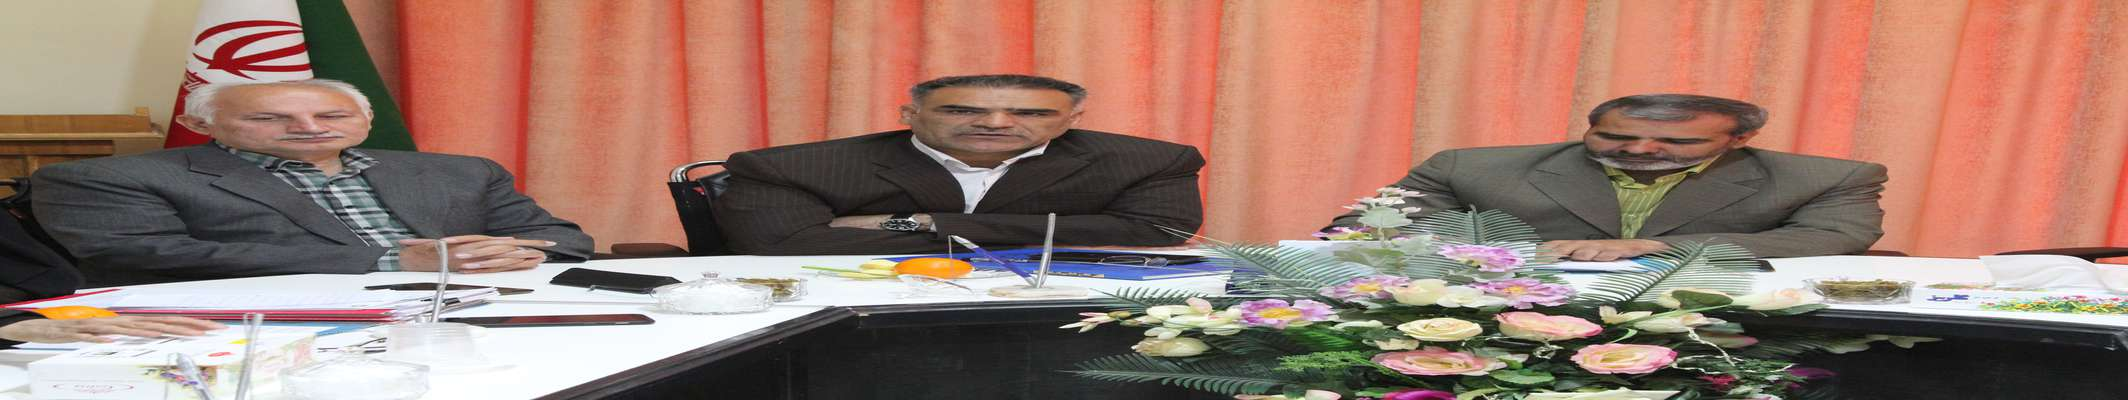 بیان گزارش حوزه فضای سبز شهرداری در شورای اسلامی شهر بیرجند